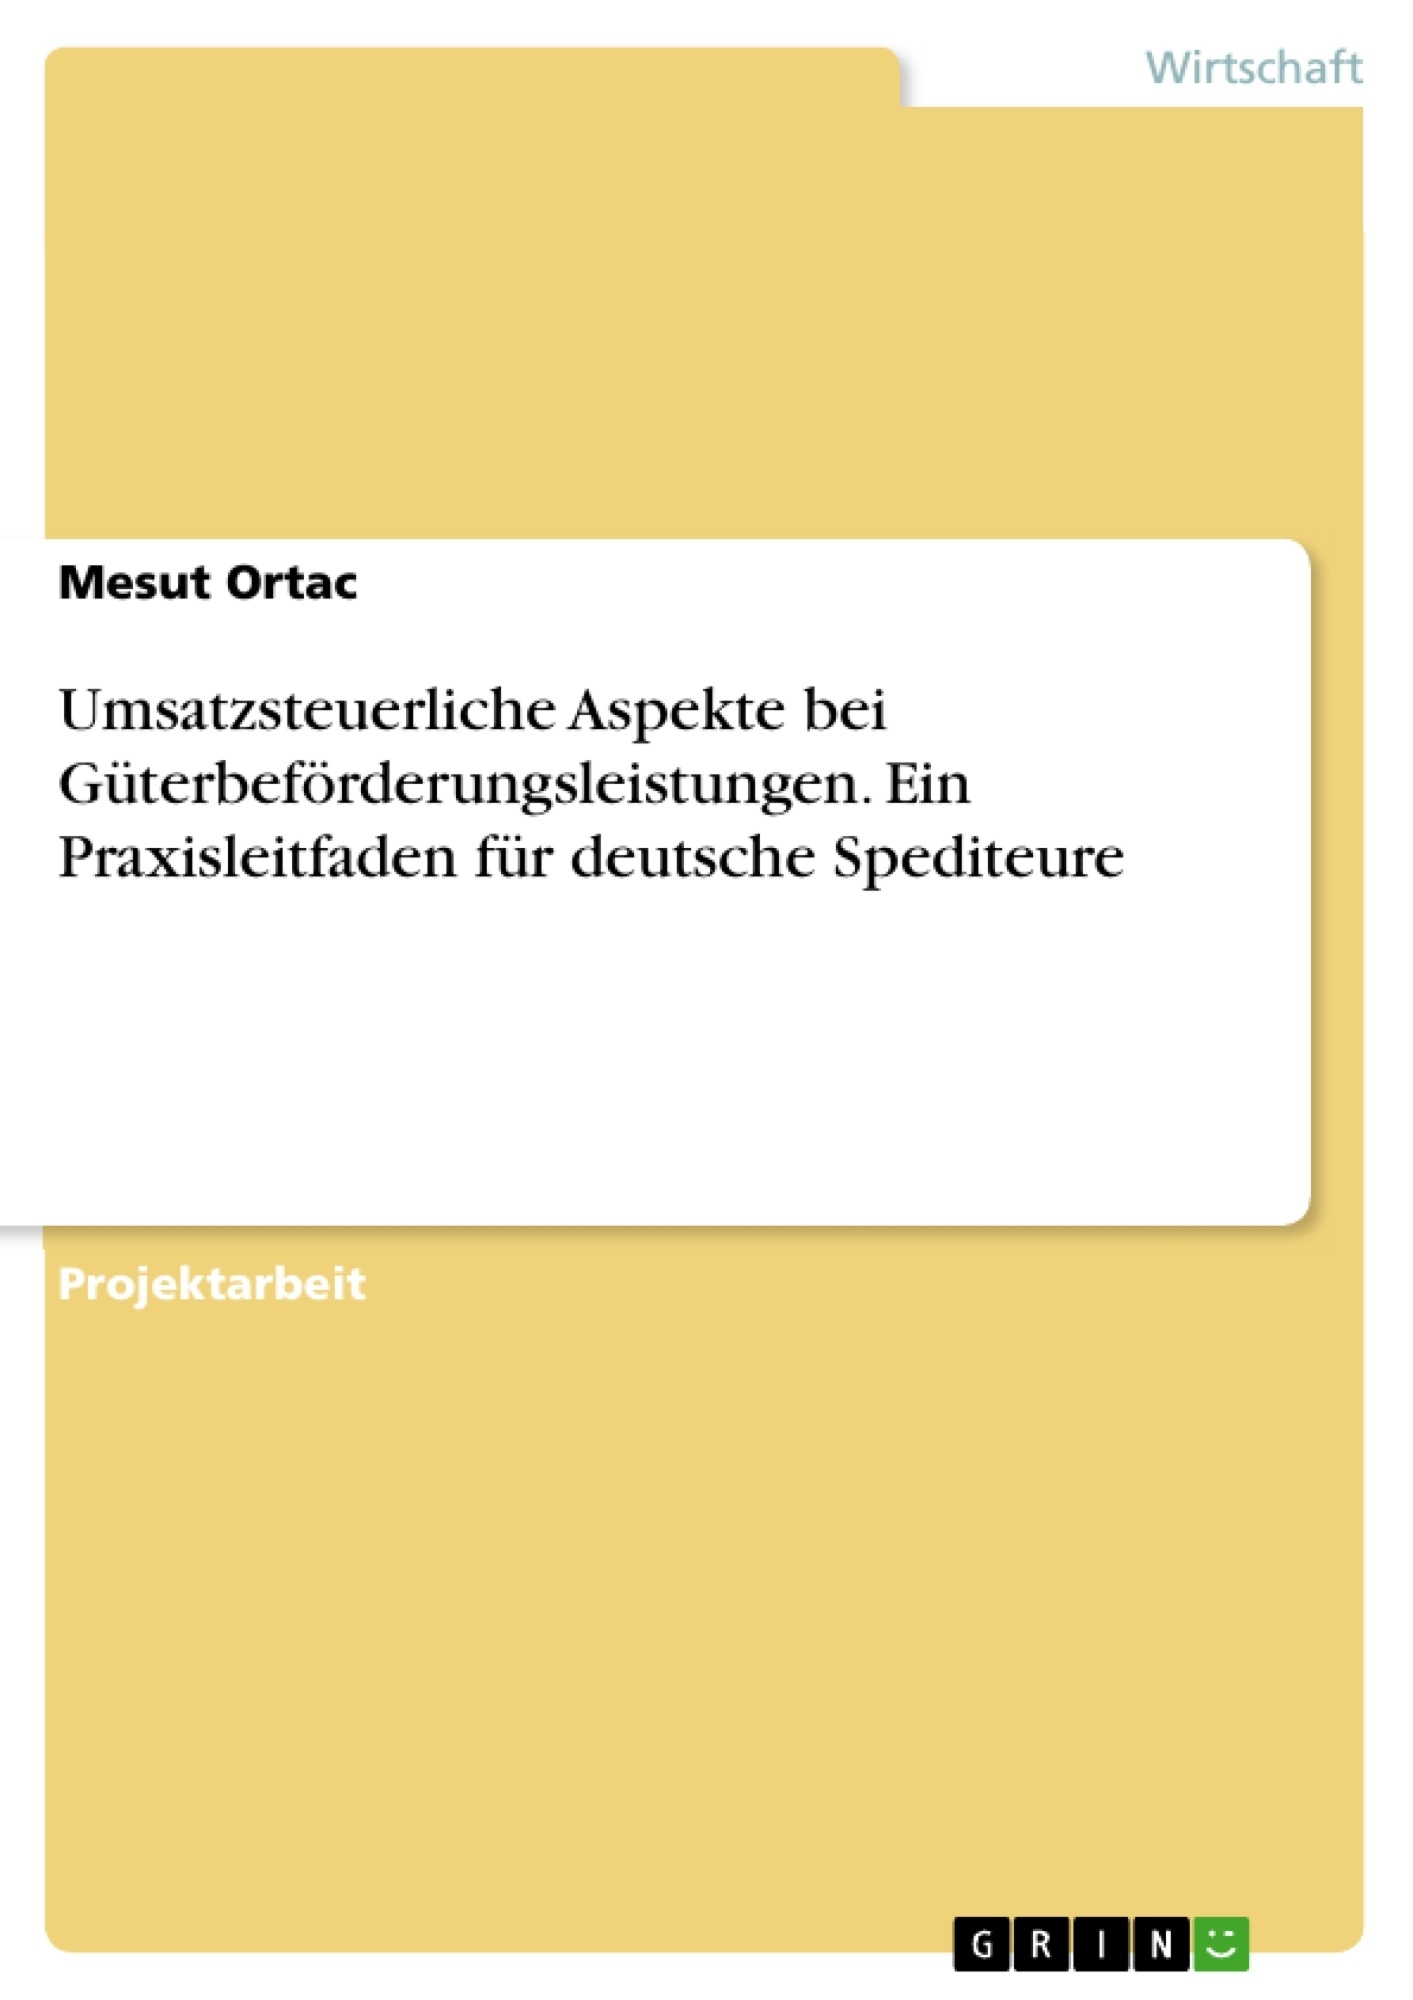 Titel: Umsatzsteuerliche Aspekte bei Güterbeförderungsleistungen. Ein Praxisleitfaden für deutsche Spediteure